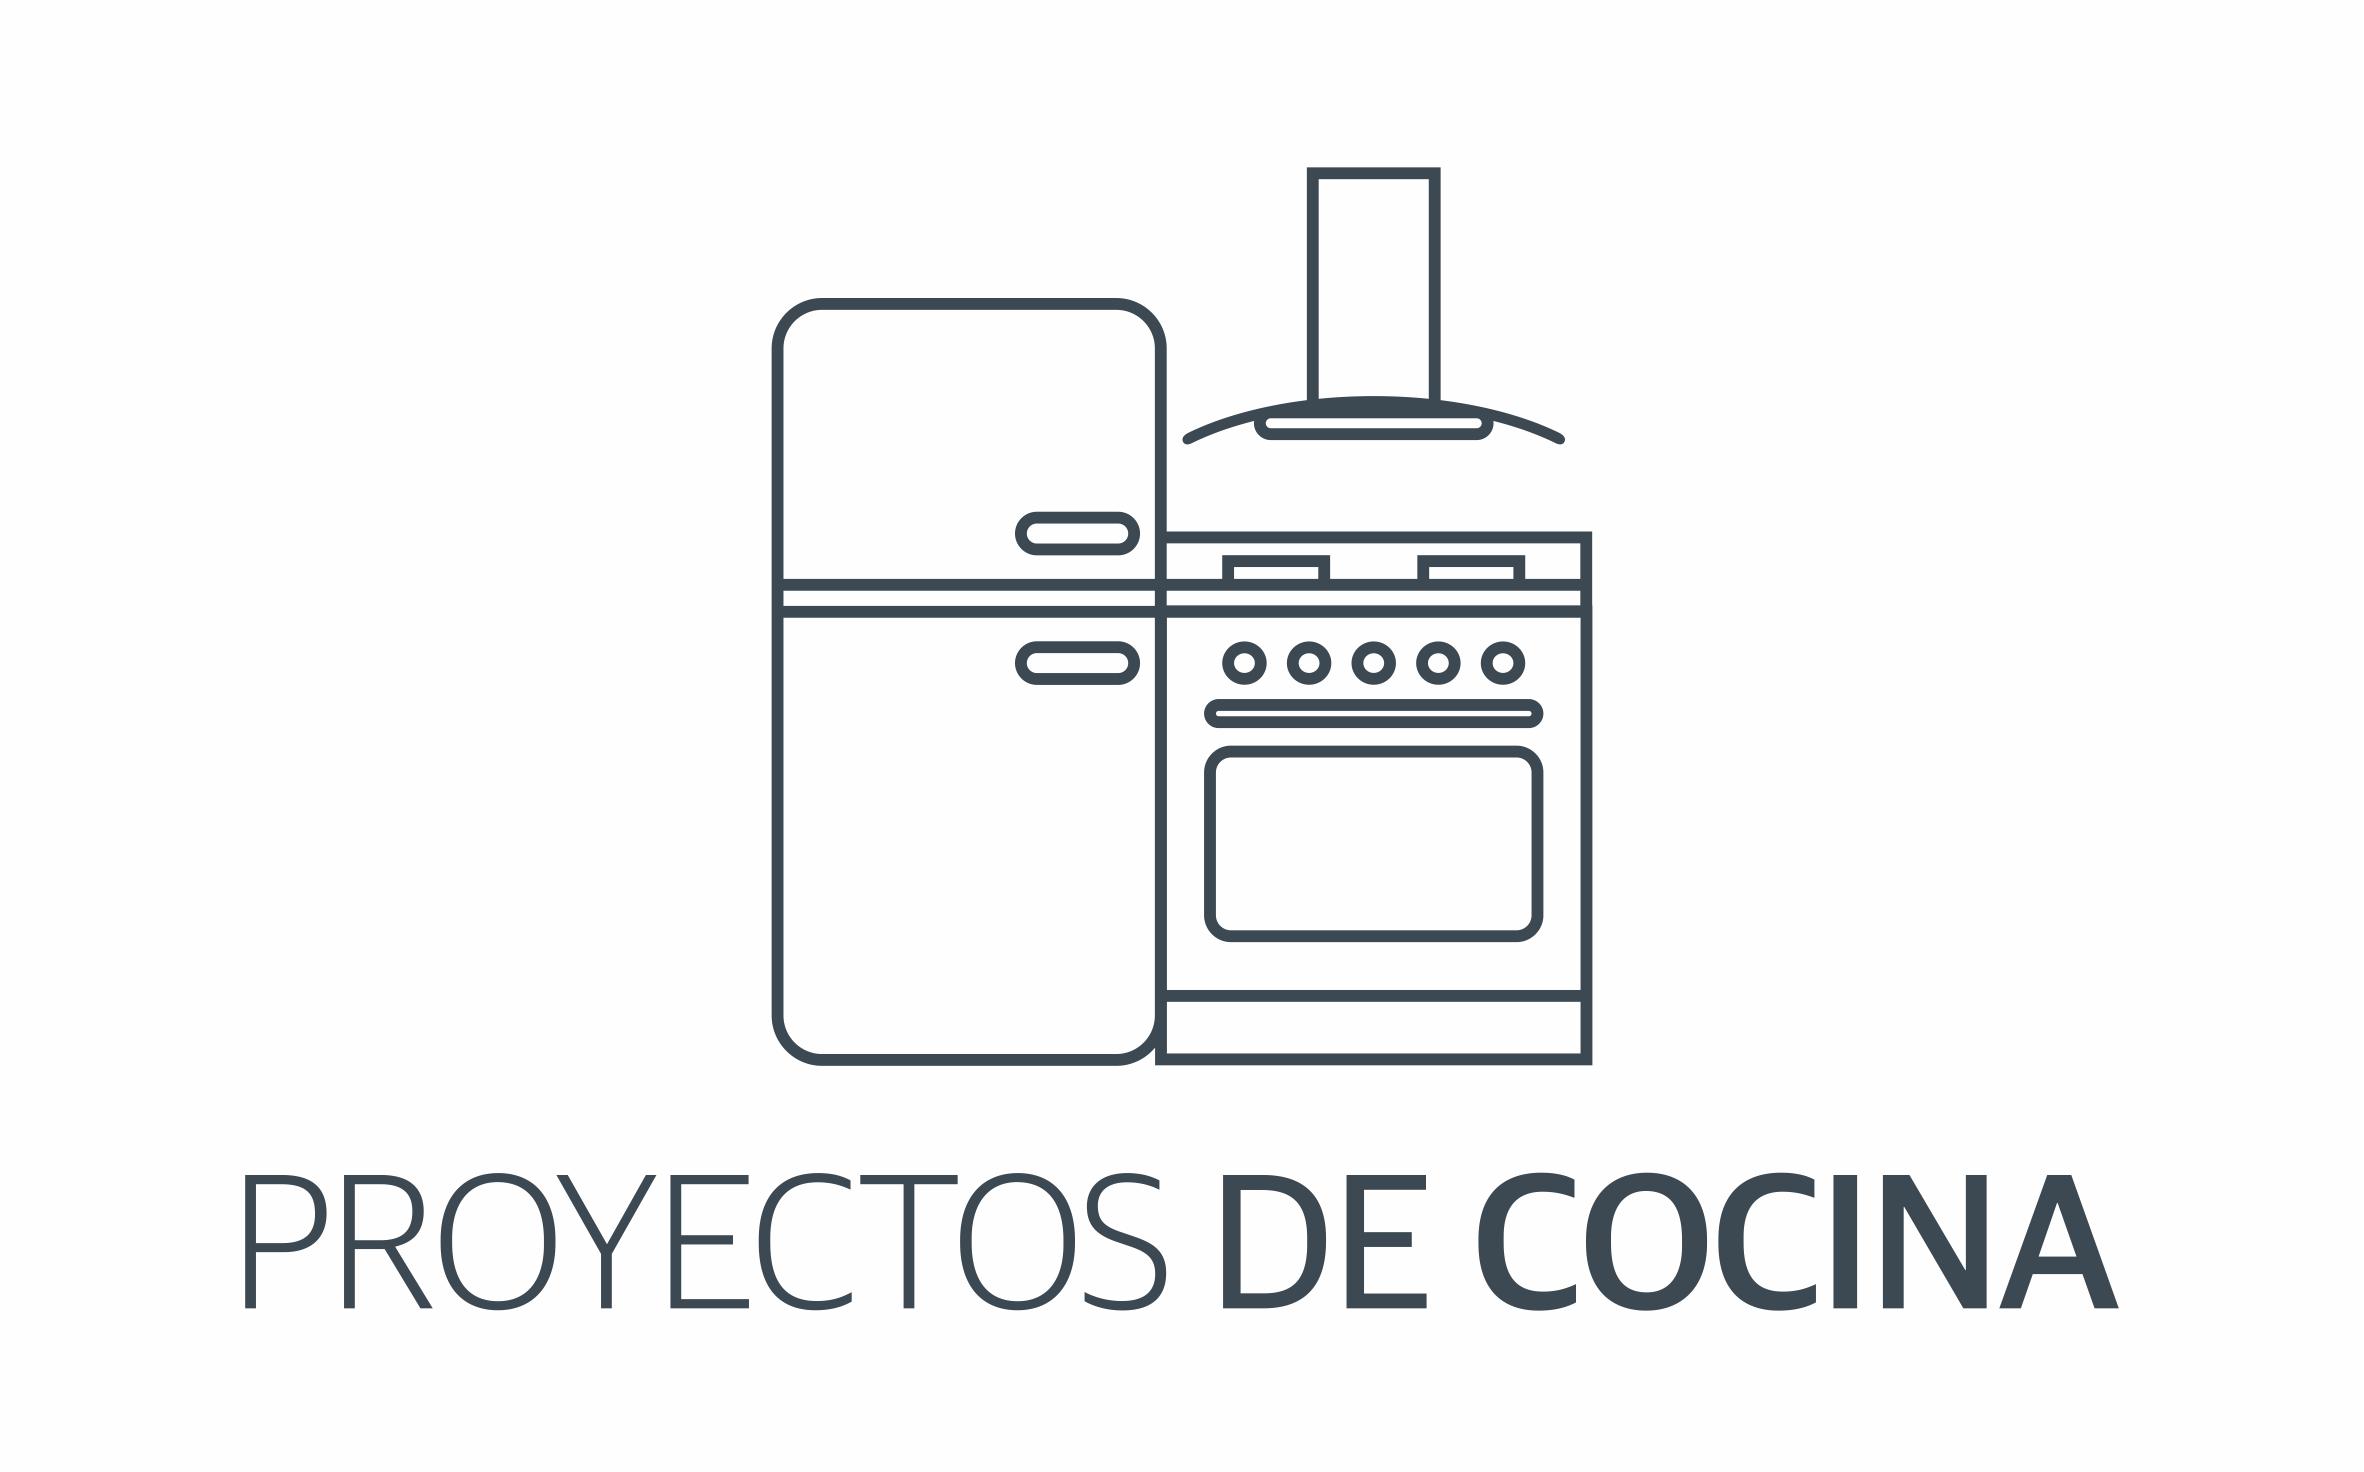 Proyectos de cocina I Diseño de cocinas online I Diseño de cocinas en 3D